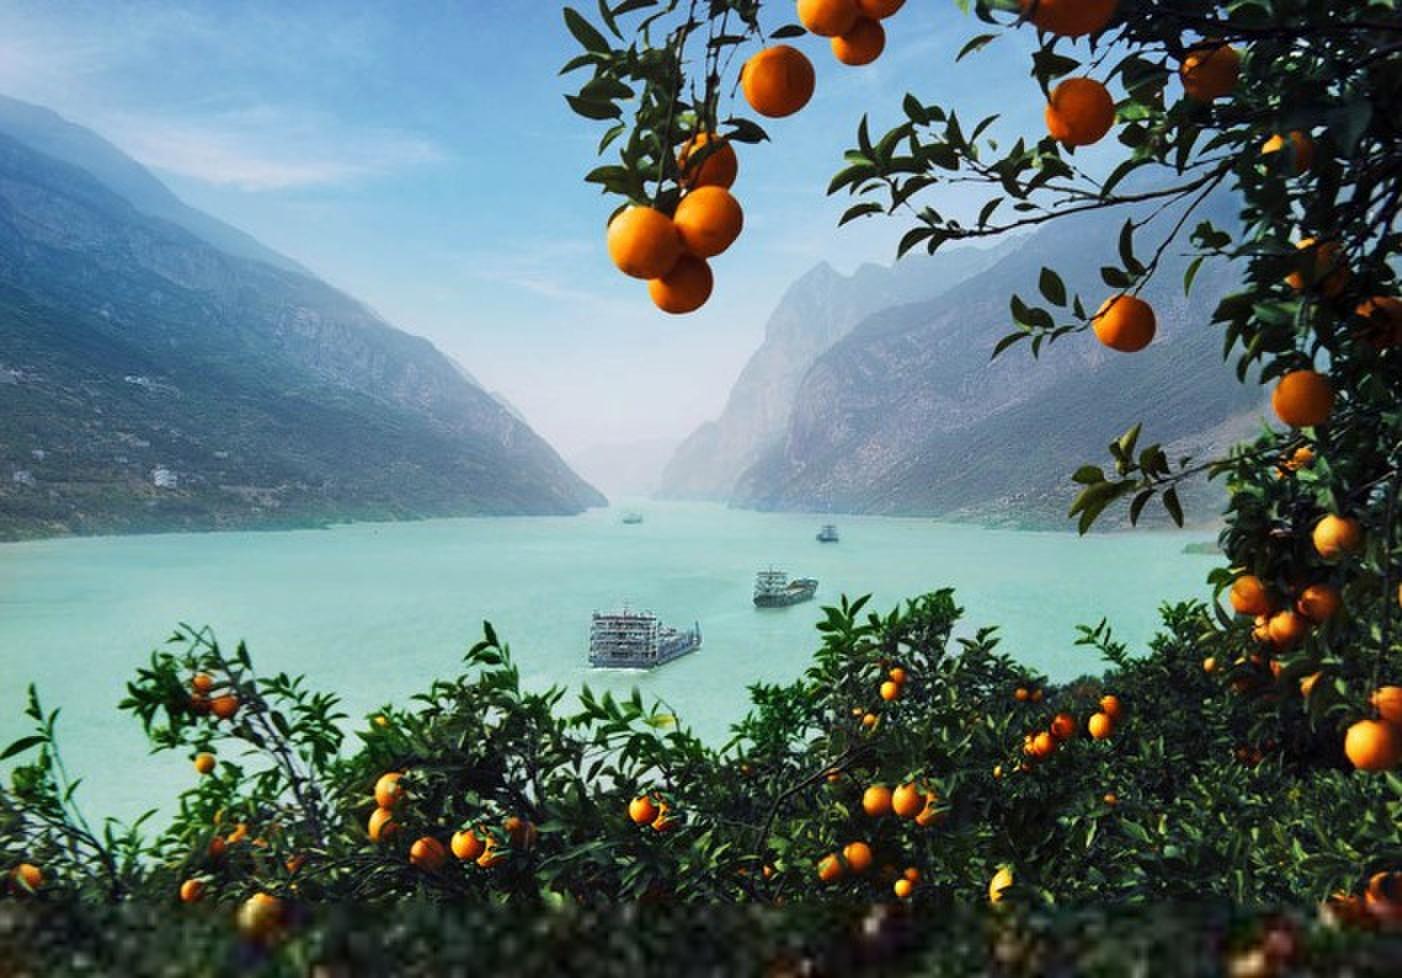 【尊享游船】宜昌万州重庆豪华游船单船单卧五日游